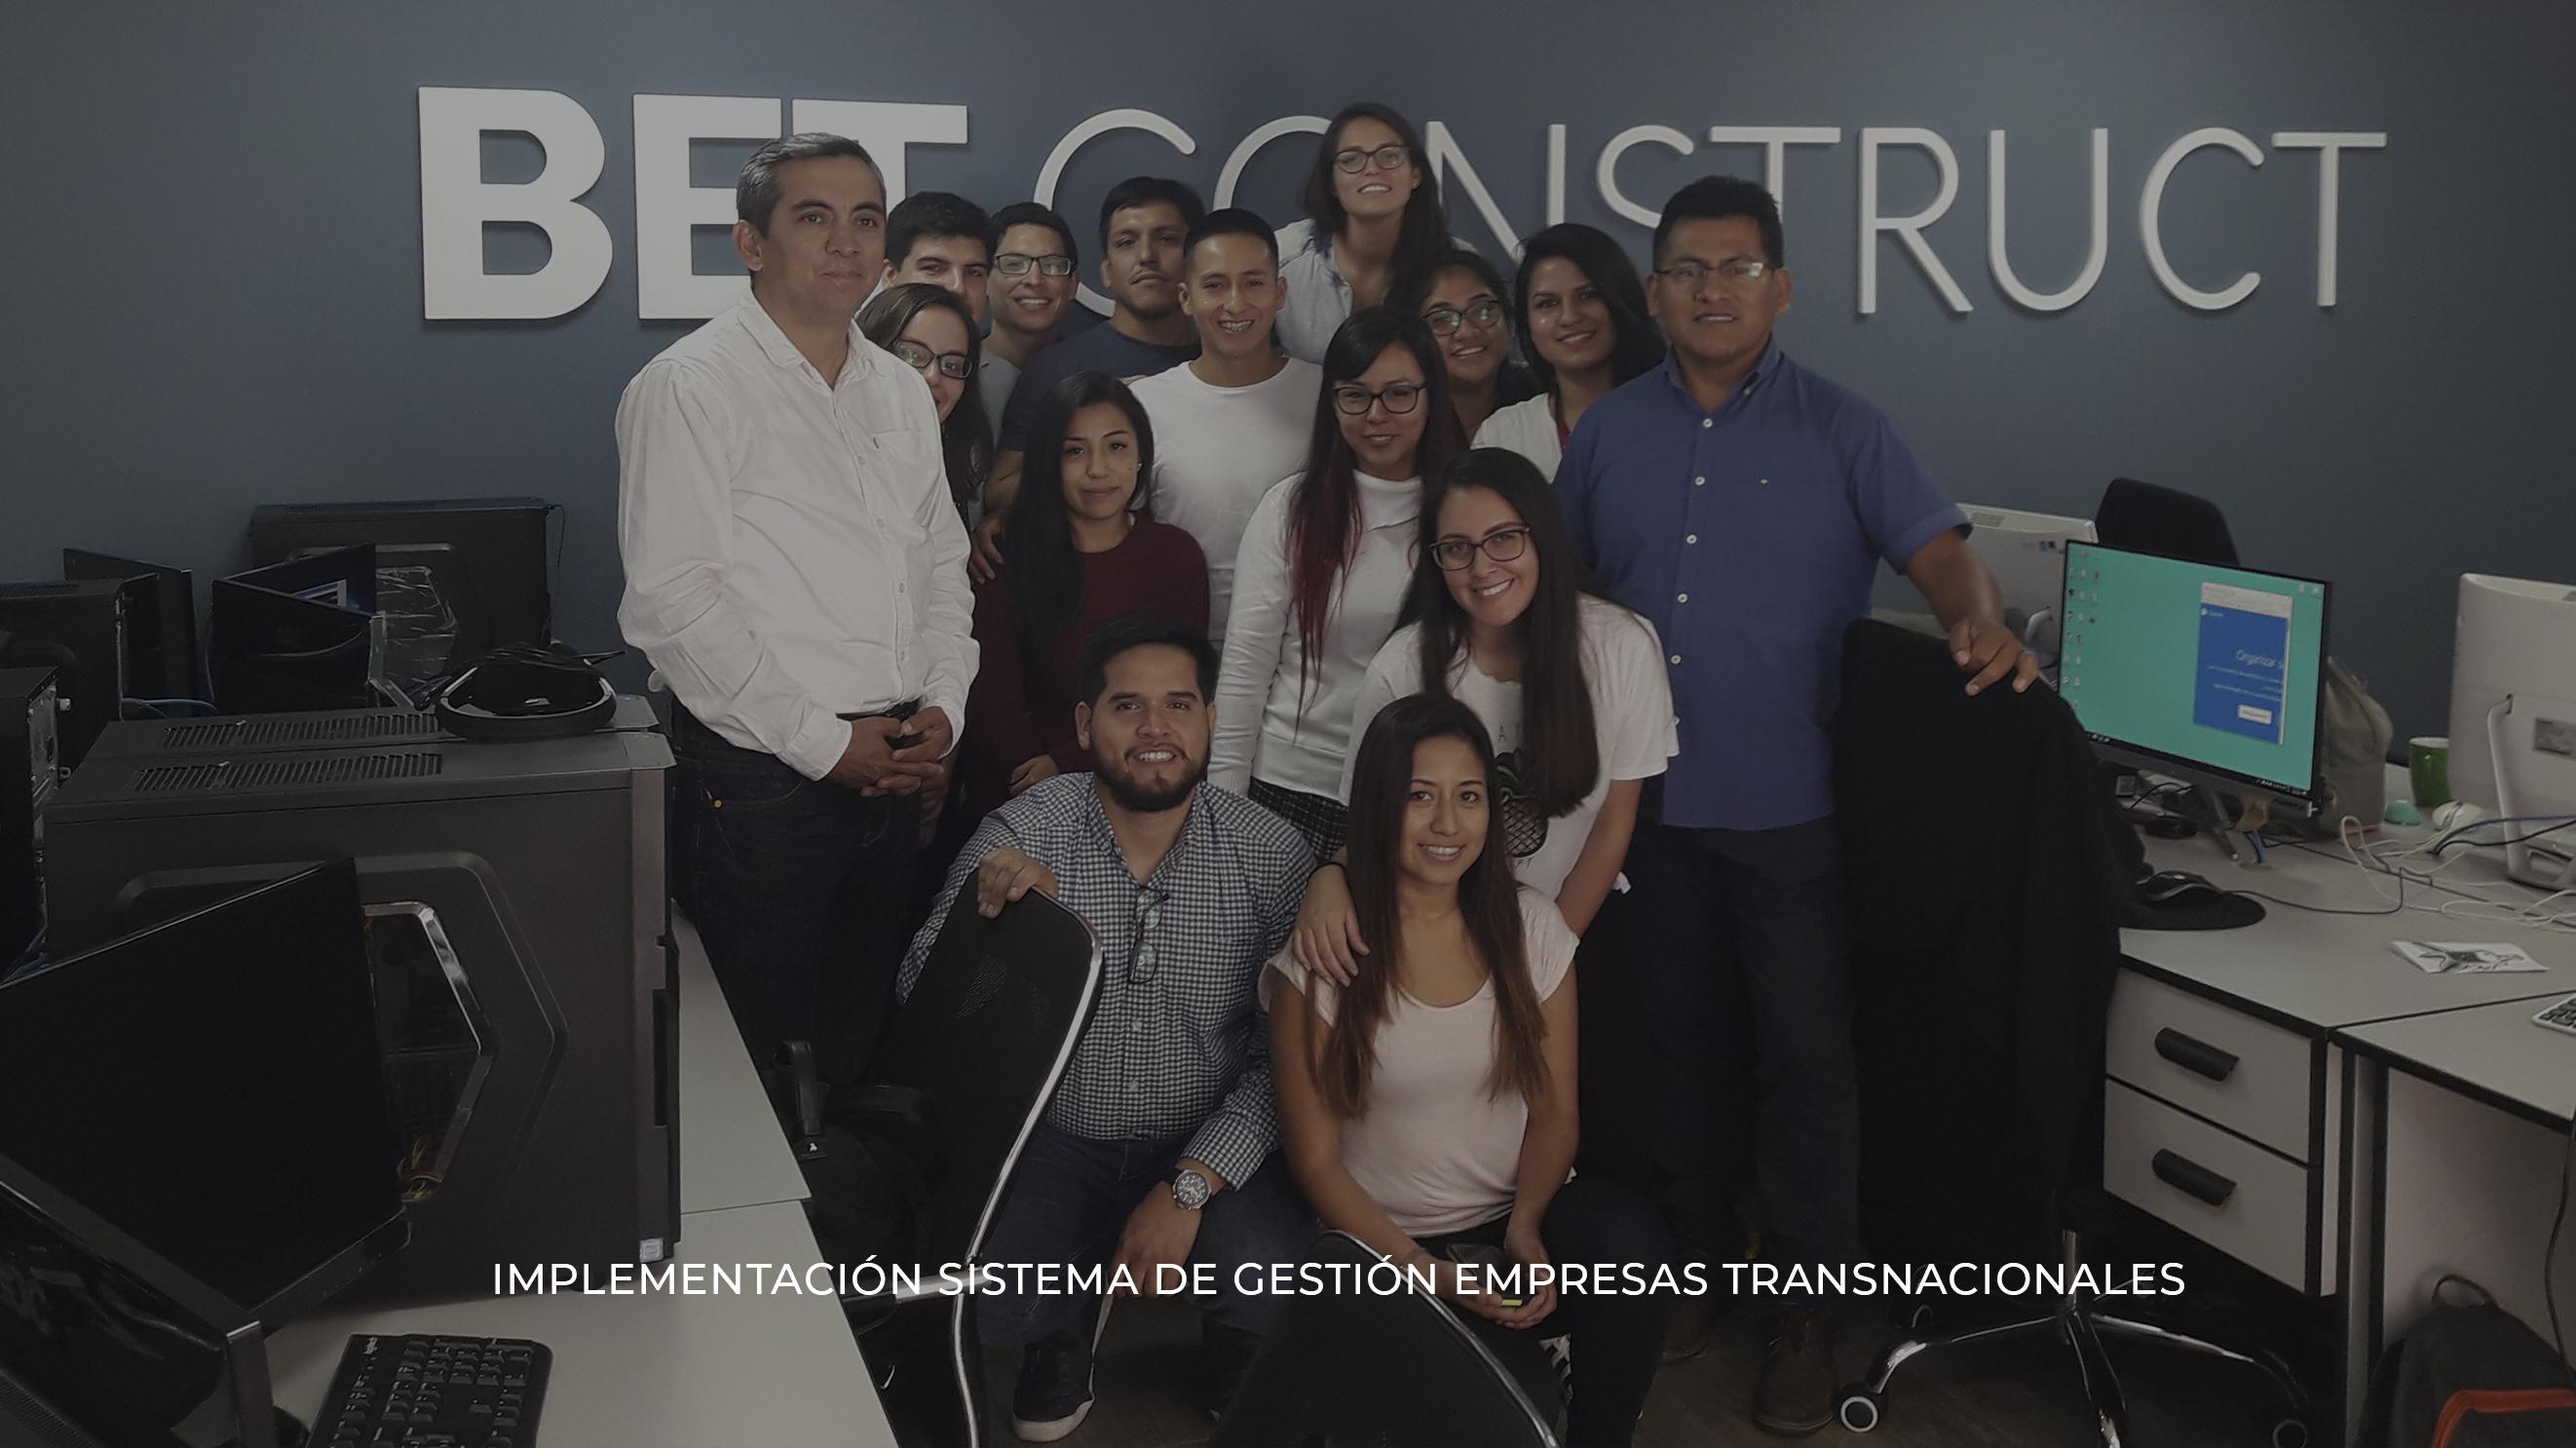 Implementación Sistemas de Gestión empresas transnacionales